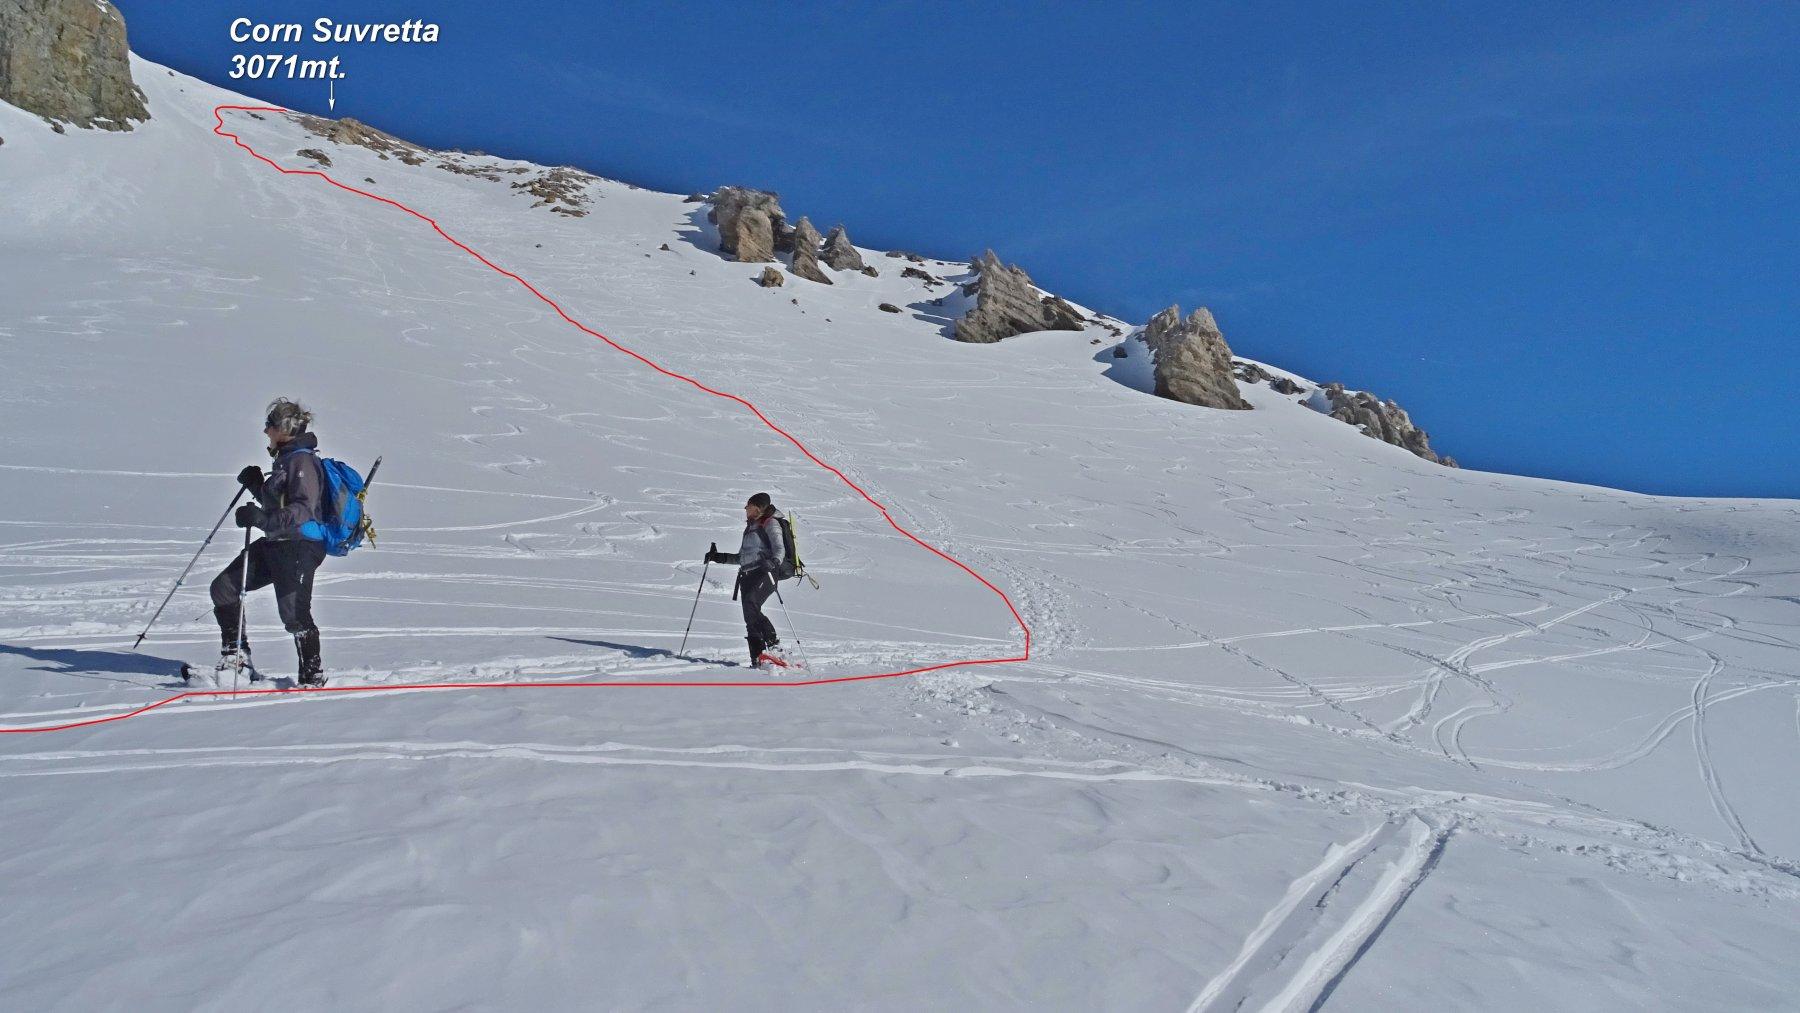 Sui pendii sotto la vetta, in rosso la traccia di discesa.